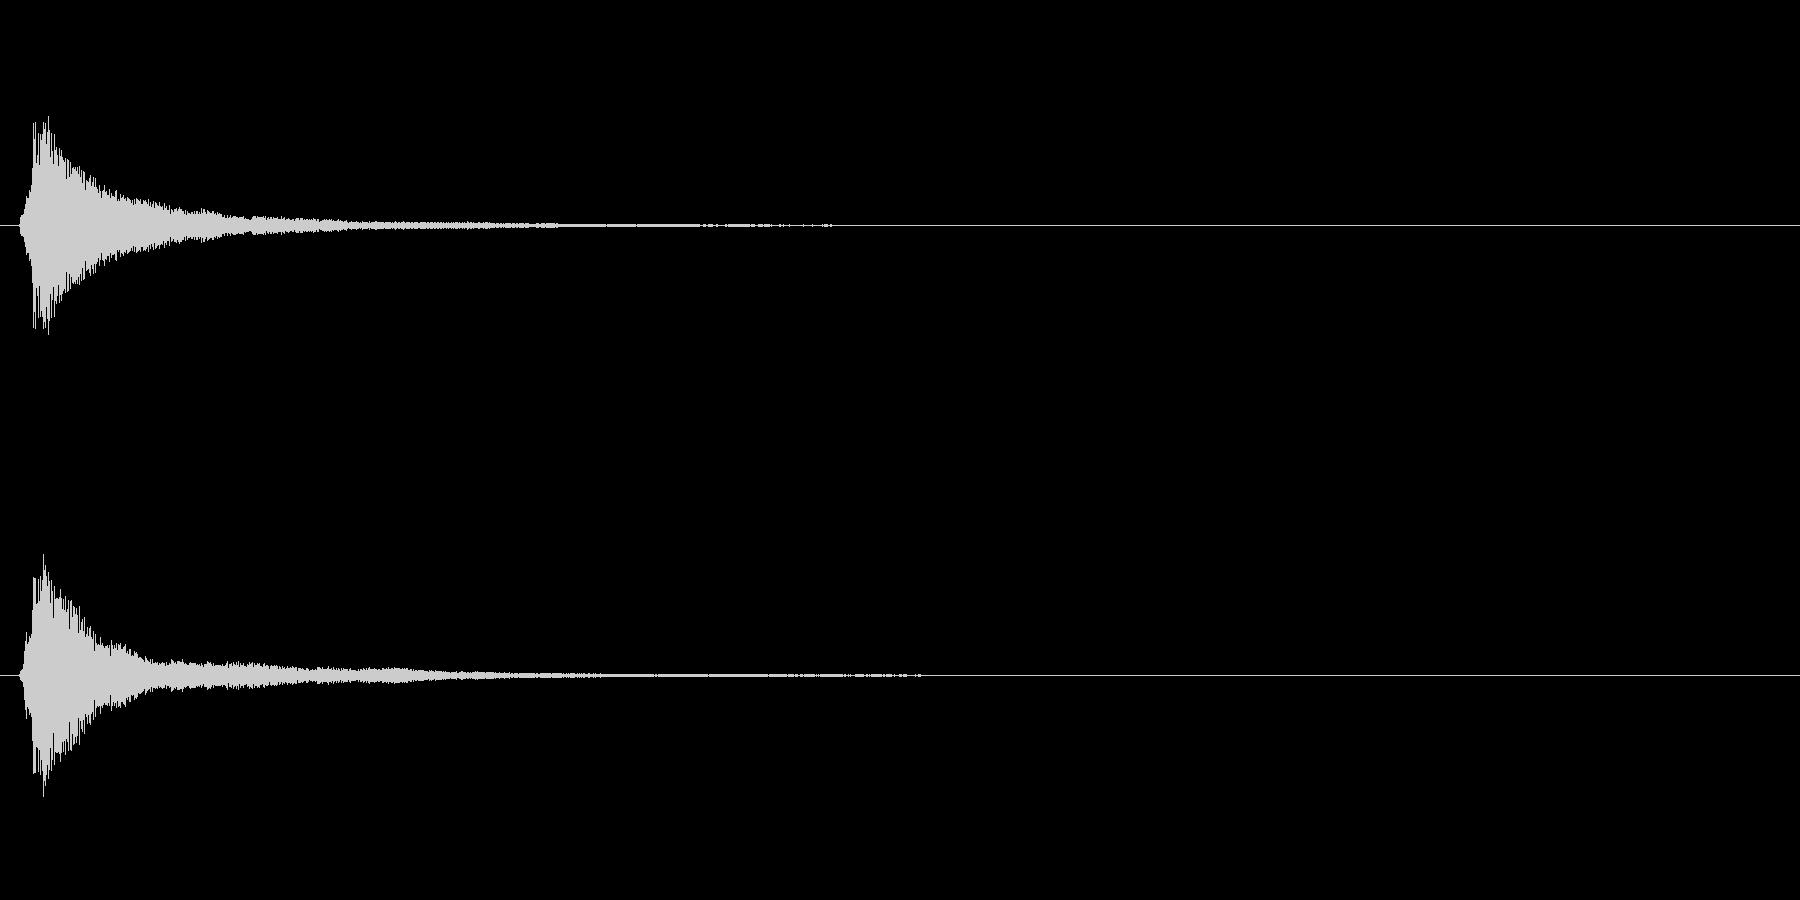 キラキラ系_004の未再生の波形